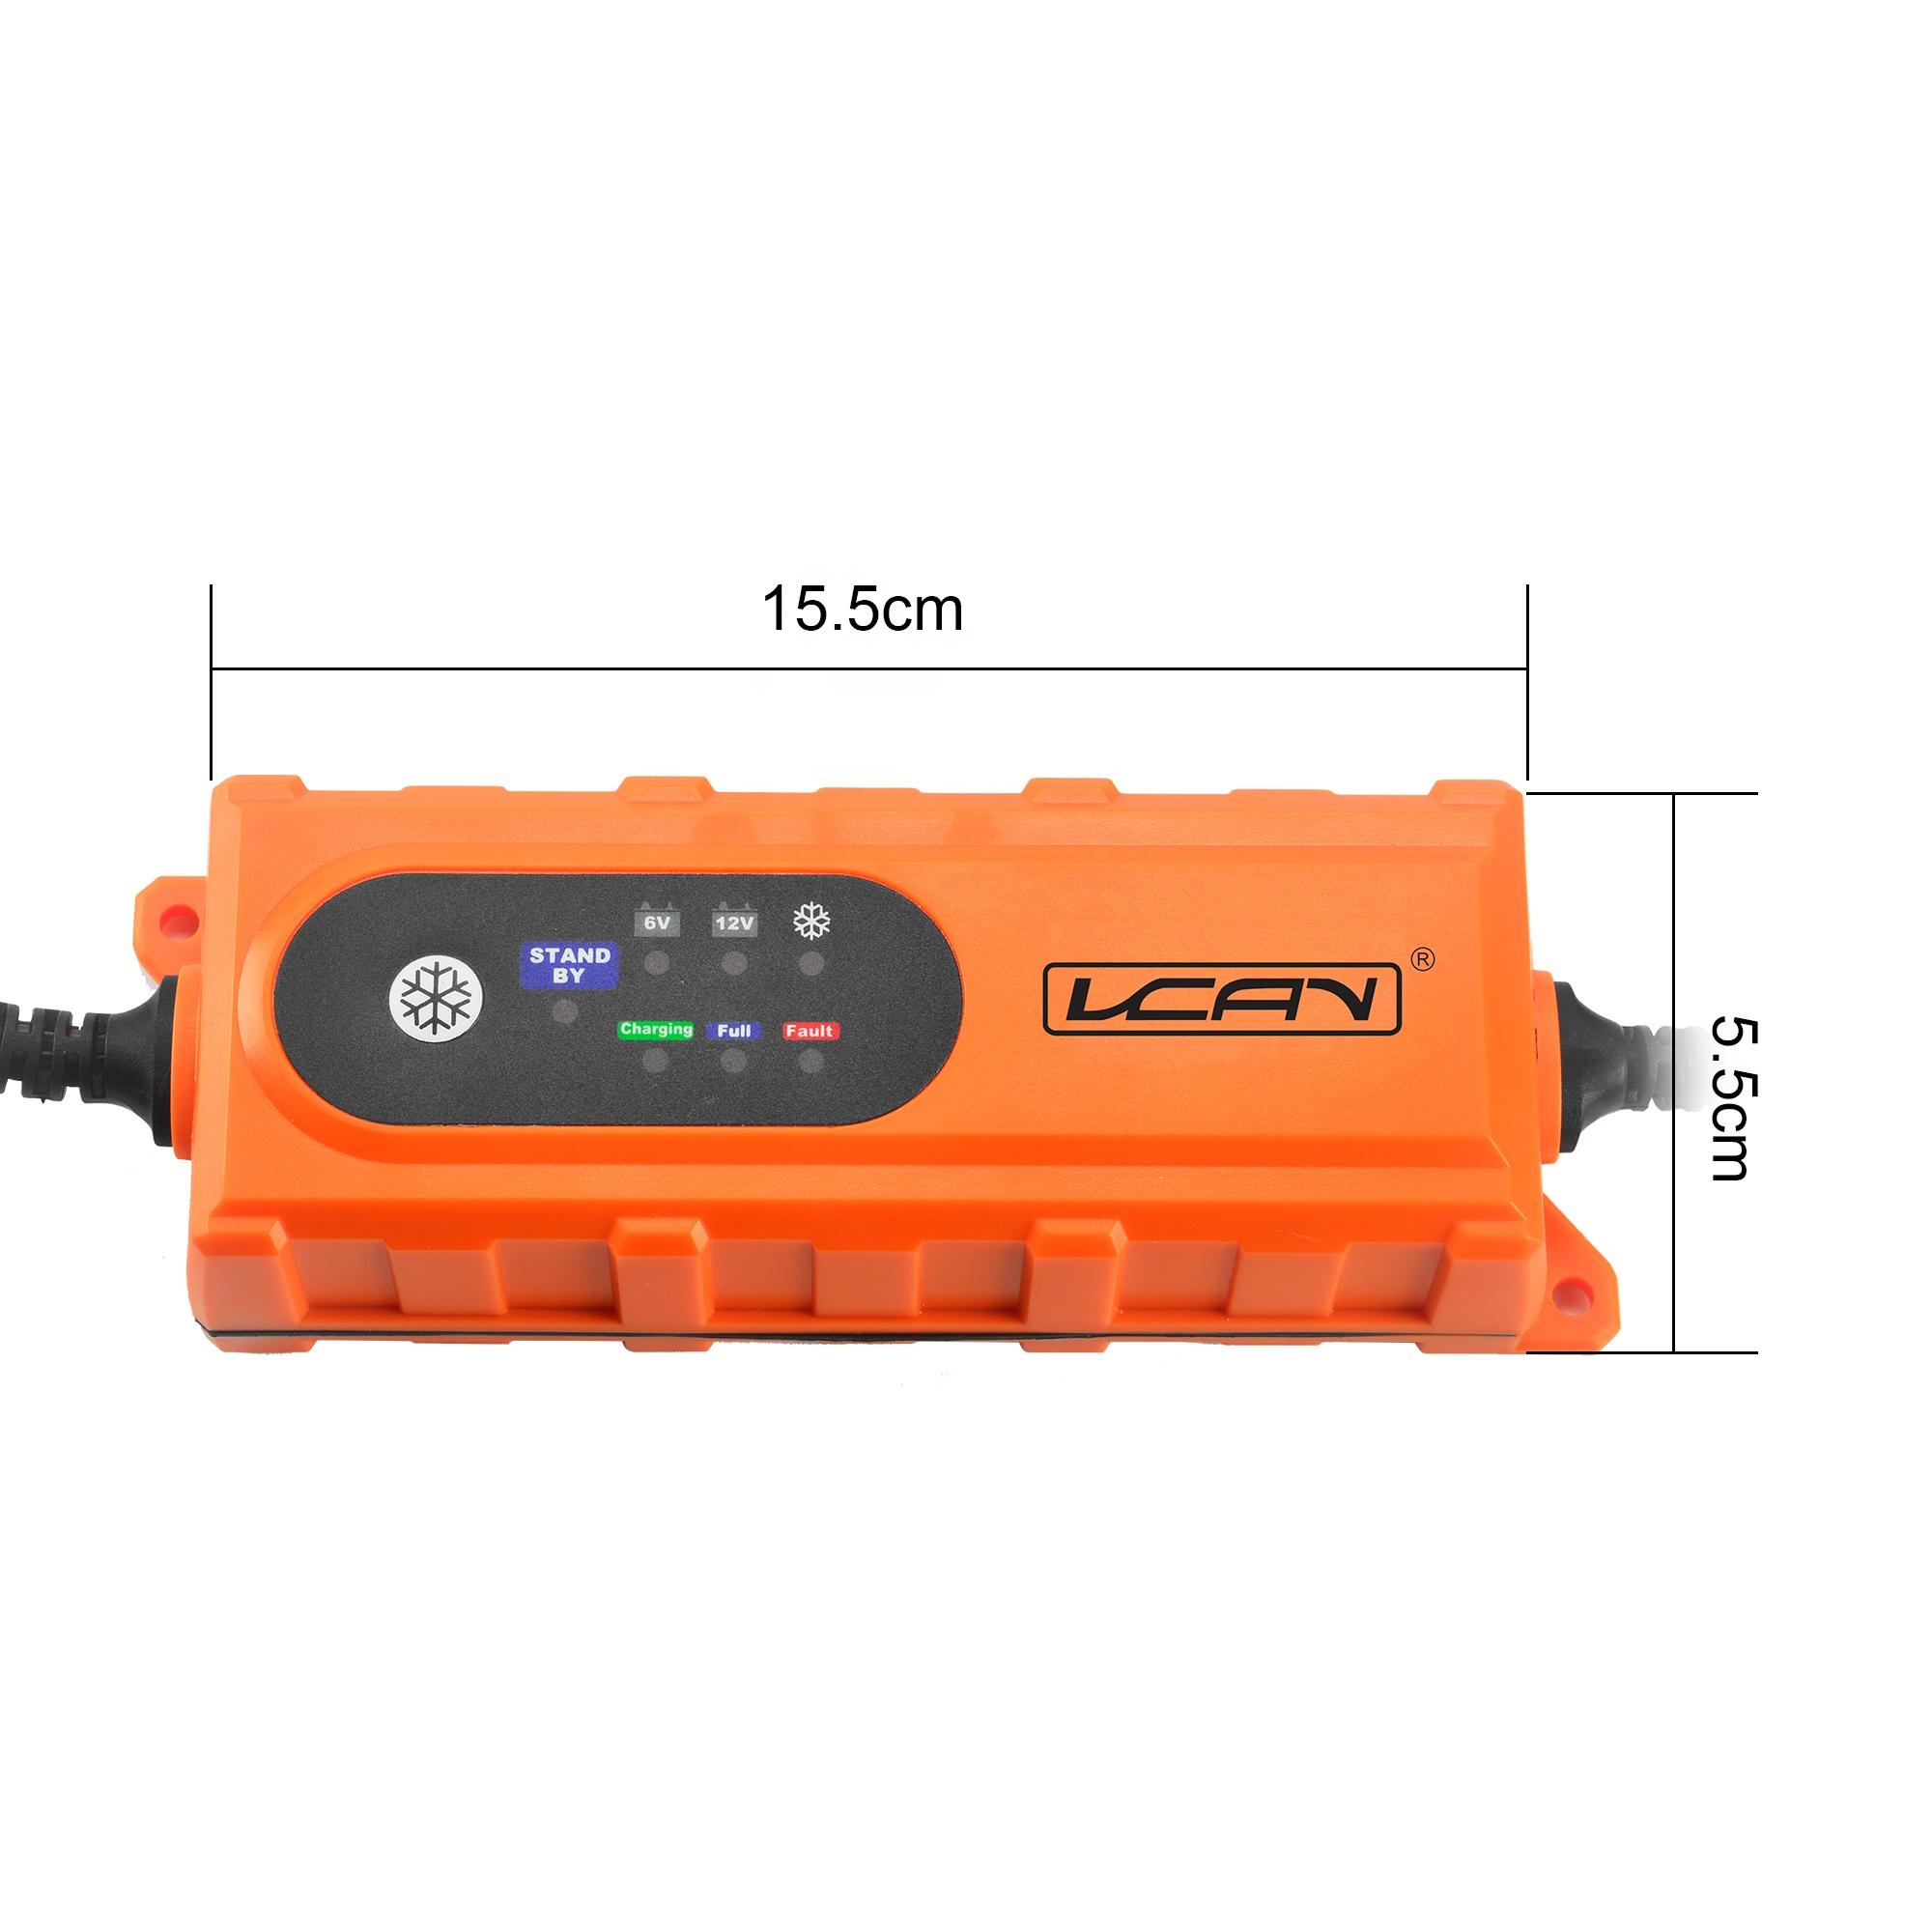 12V 지능형 납산 배터리 충전기, 1.2/120Ah 배터리 충전기 전원